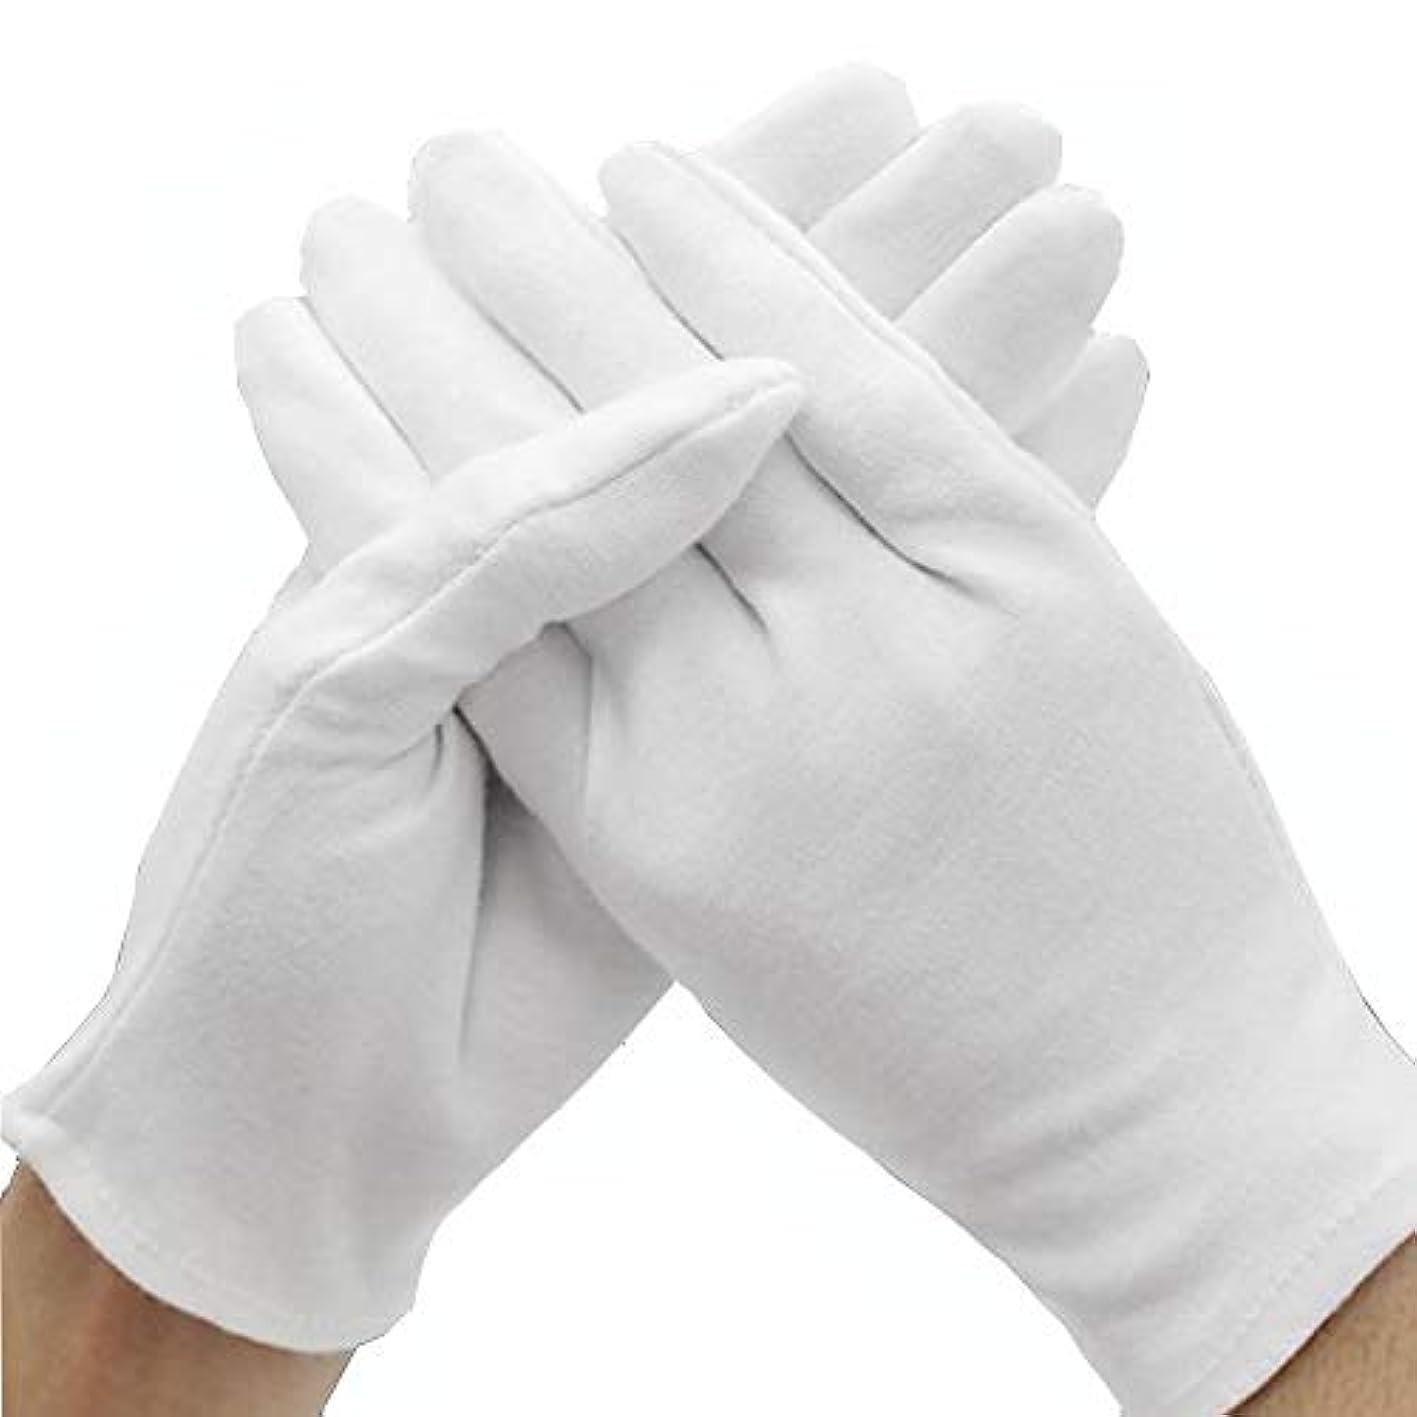 長方形はちみつダイヤルLezej インナーコットン手袋 白い手袋 綿手袋 衛生手袋 コットン手袋 ガーデニング用手袋 作業手袋 健康的な手袋 環境保護用手袋(12組) (XL)